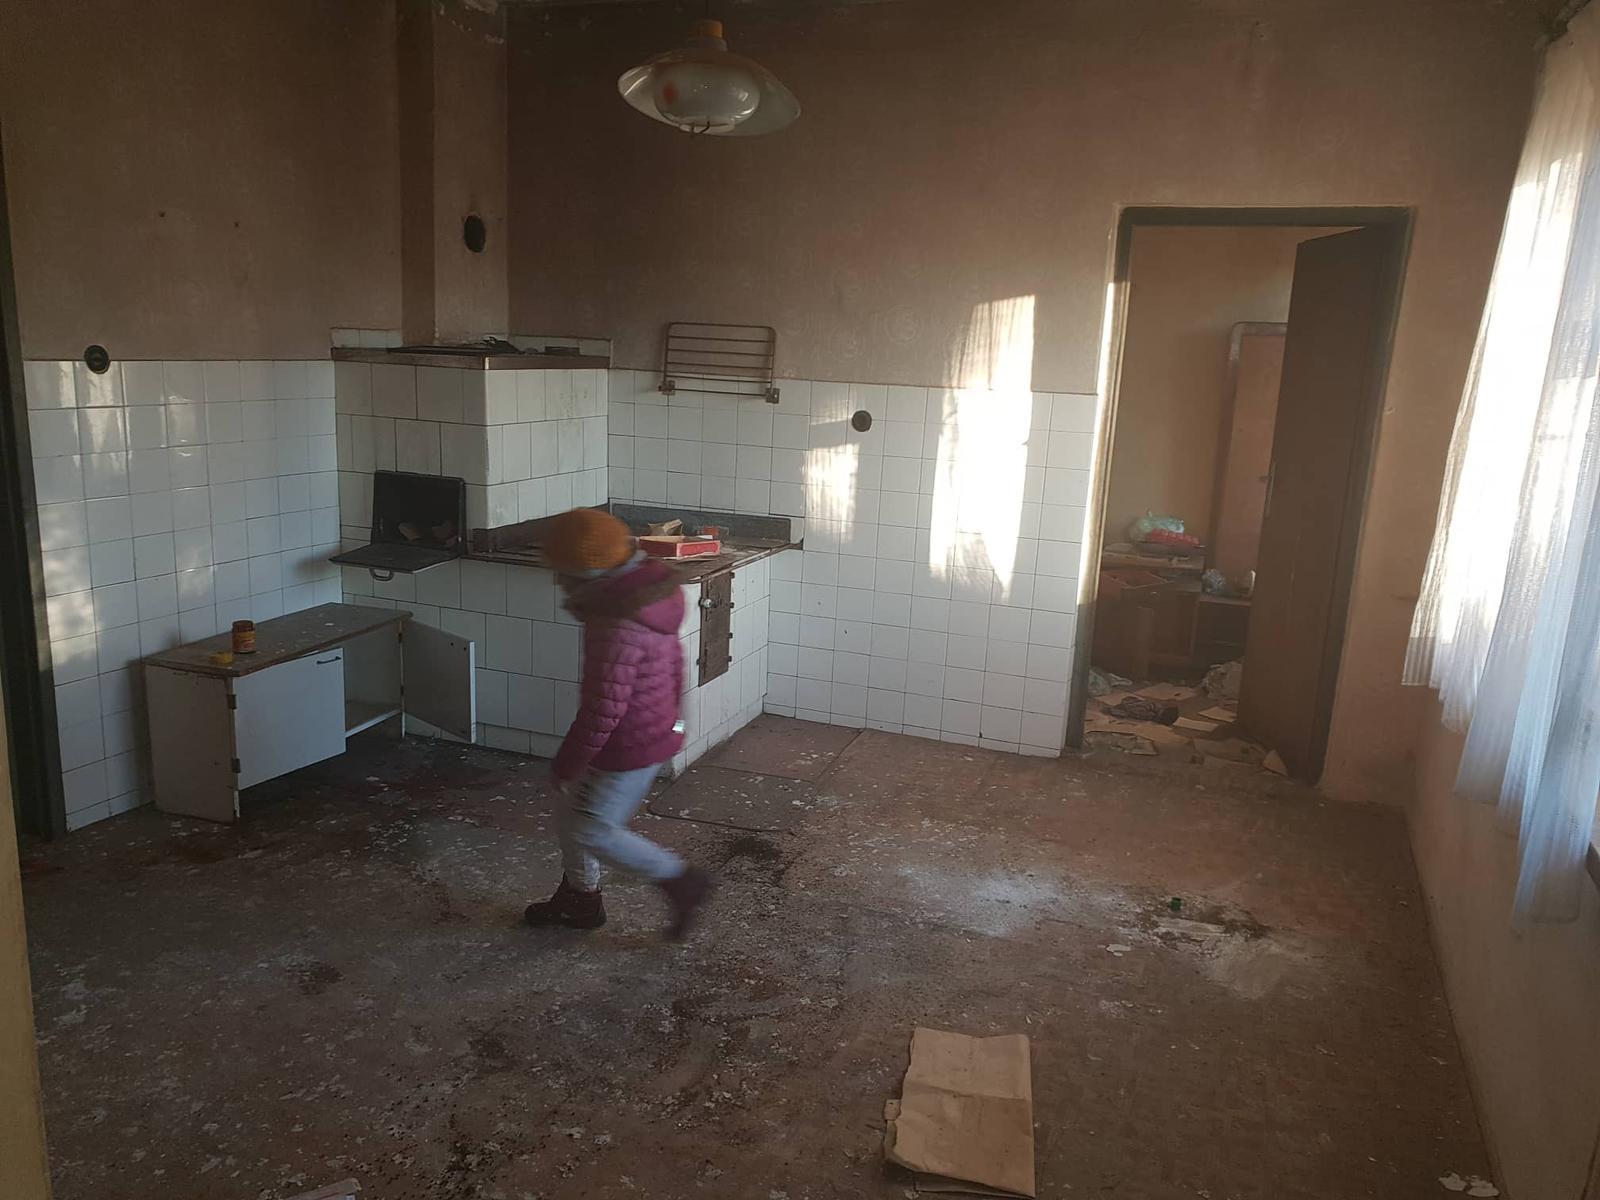 Rekonštrukcia domu-alebo chceme si splniť sen =》🏠🌻🌼🐶  mat domcek a vratit sa na Slovensko - kuchyna, oproti komora /tak ju nazvali/   (po lavej strane kde bezi dcera su dvere do chodby)